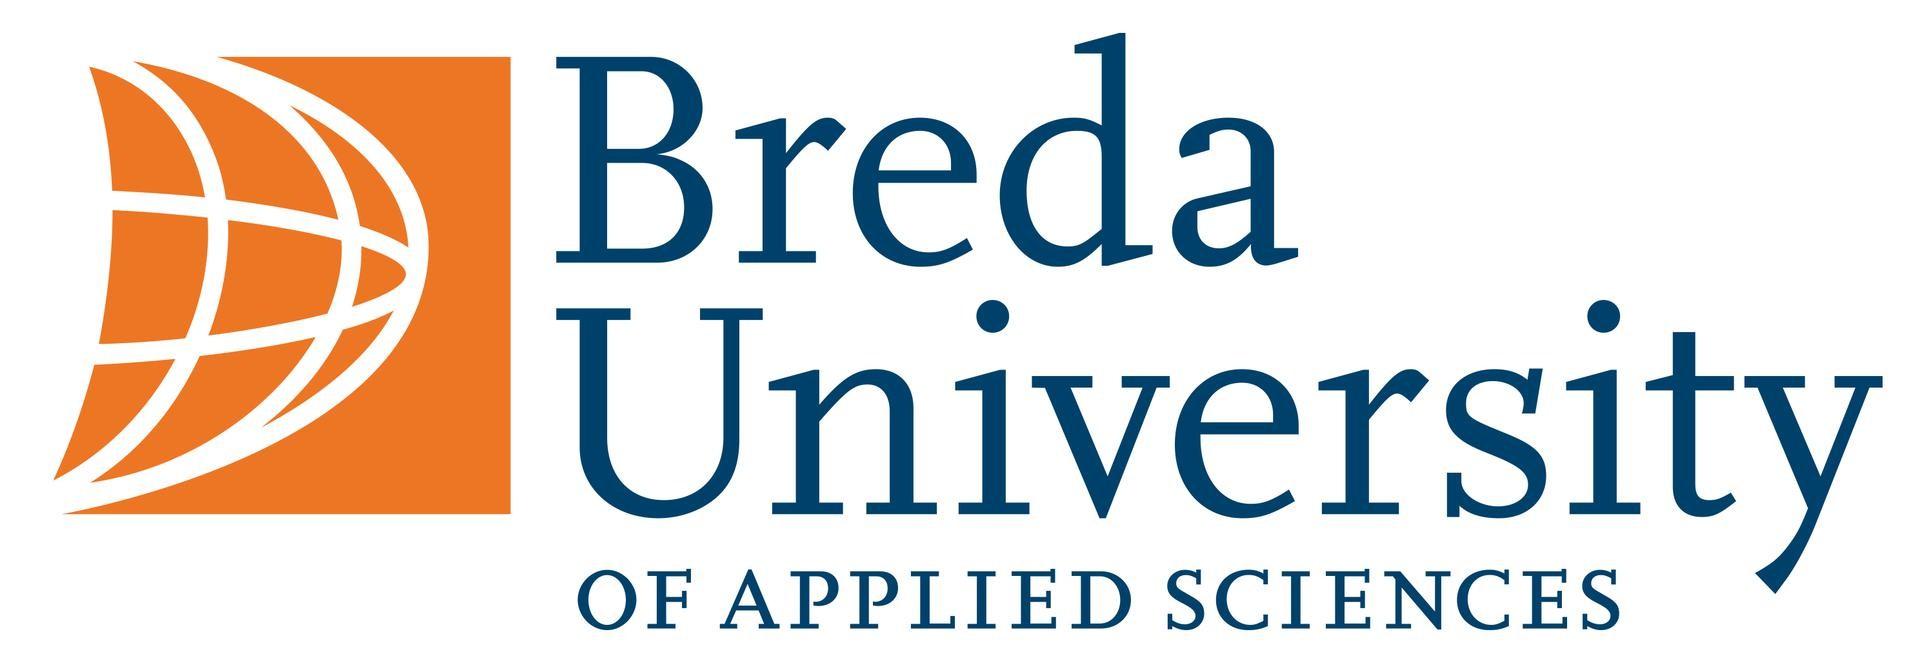 Breda-University